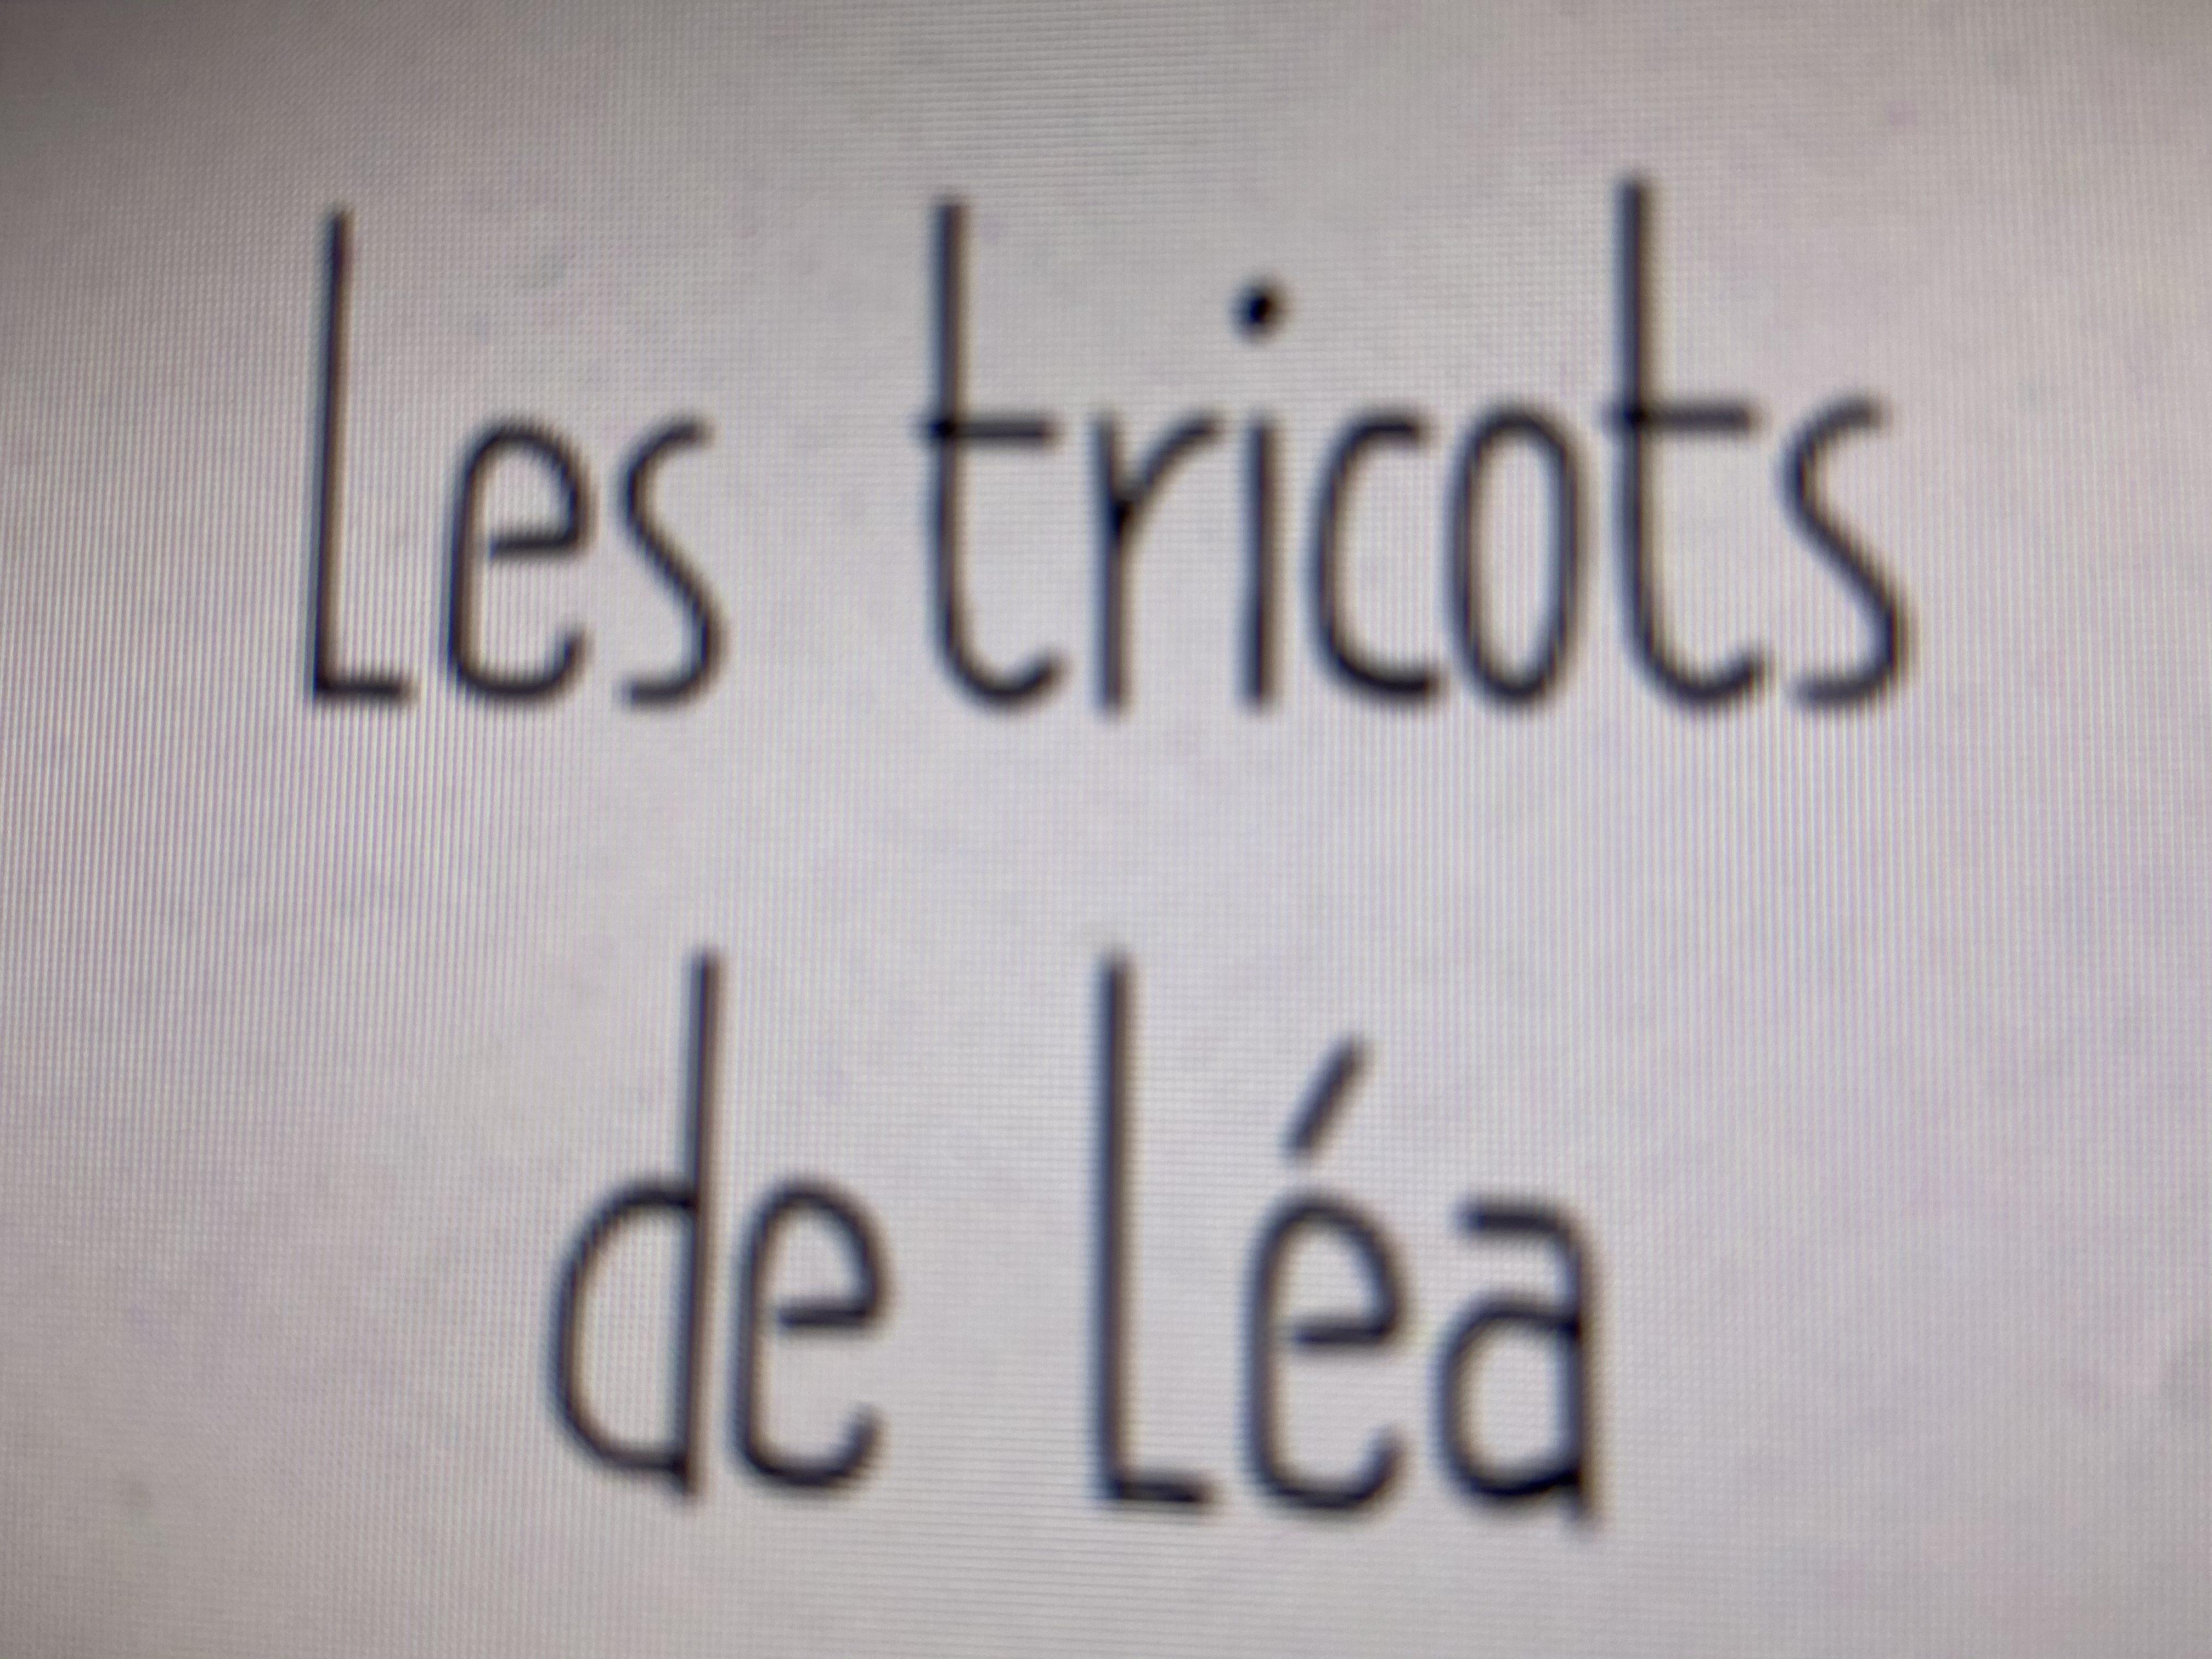 Les Tricots de Lea